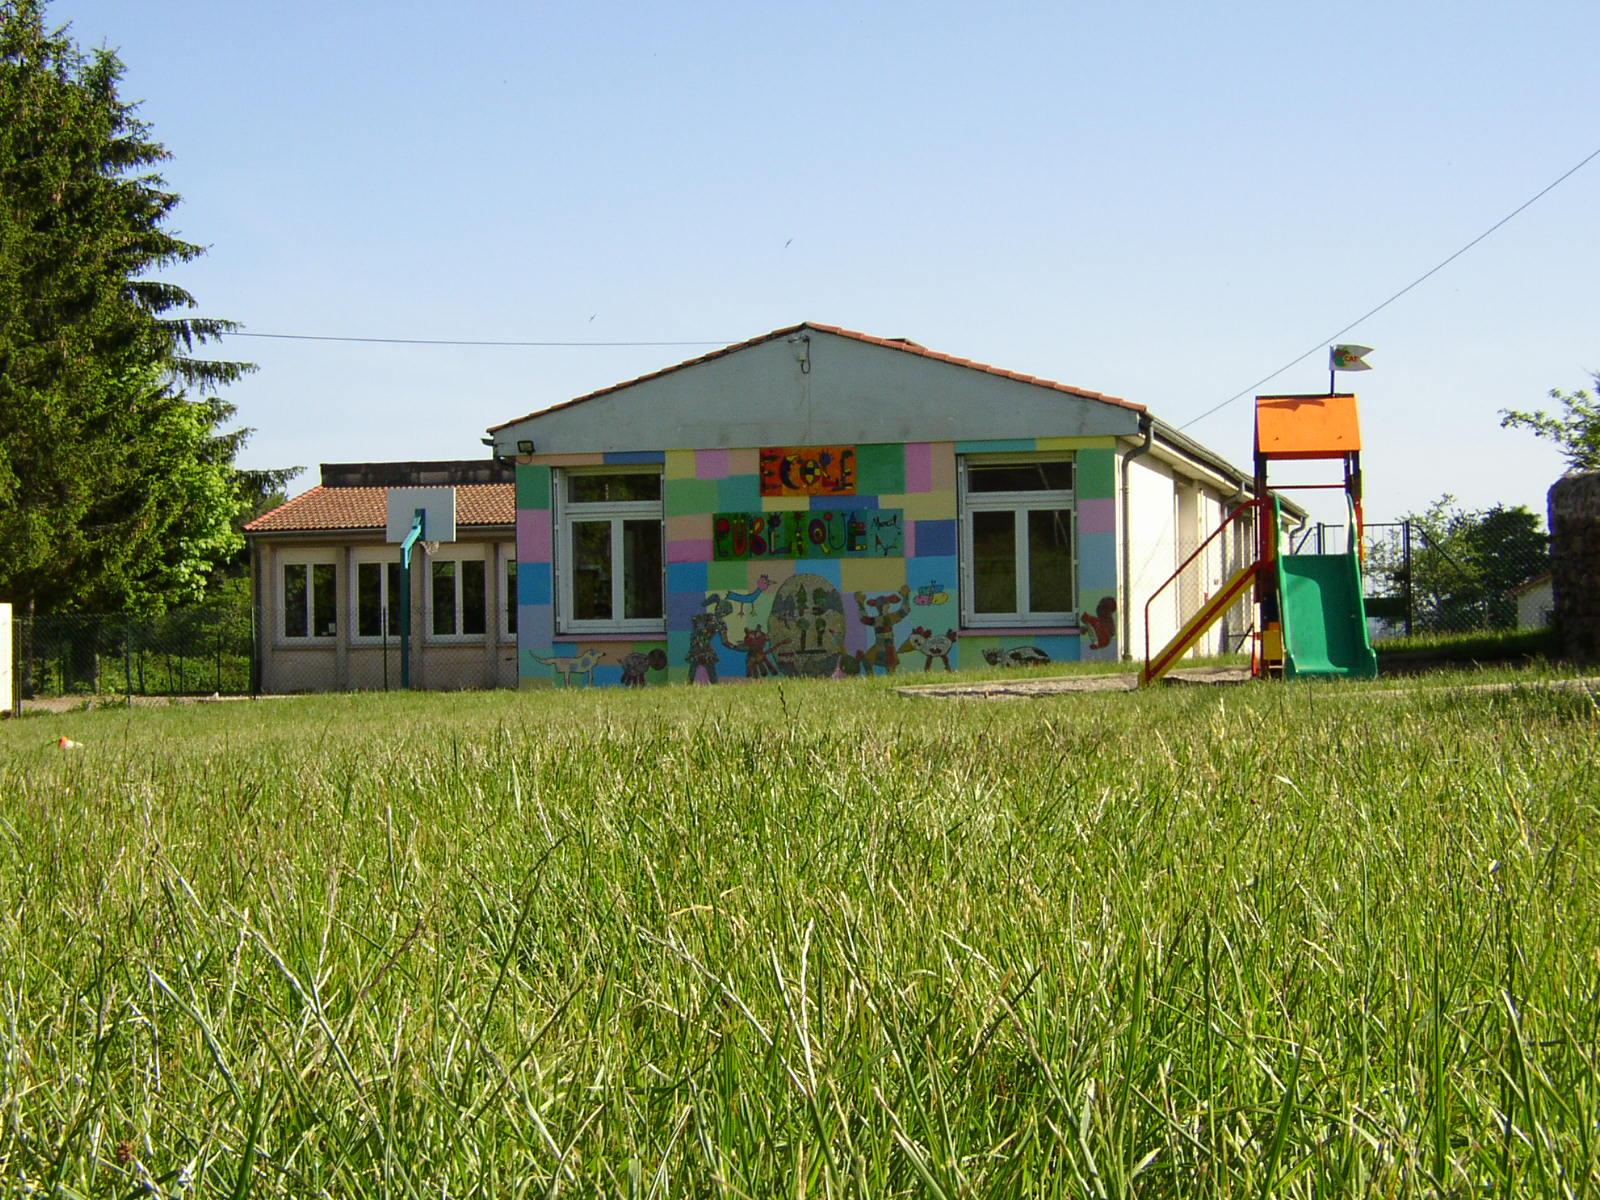 École publique de Saint-Romain